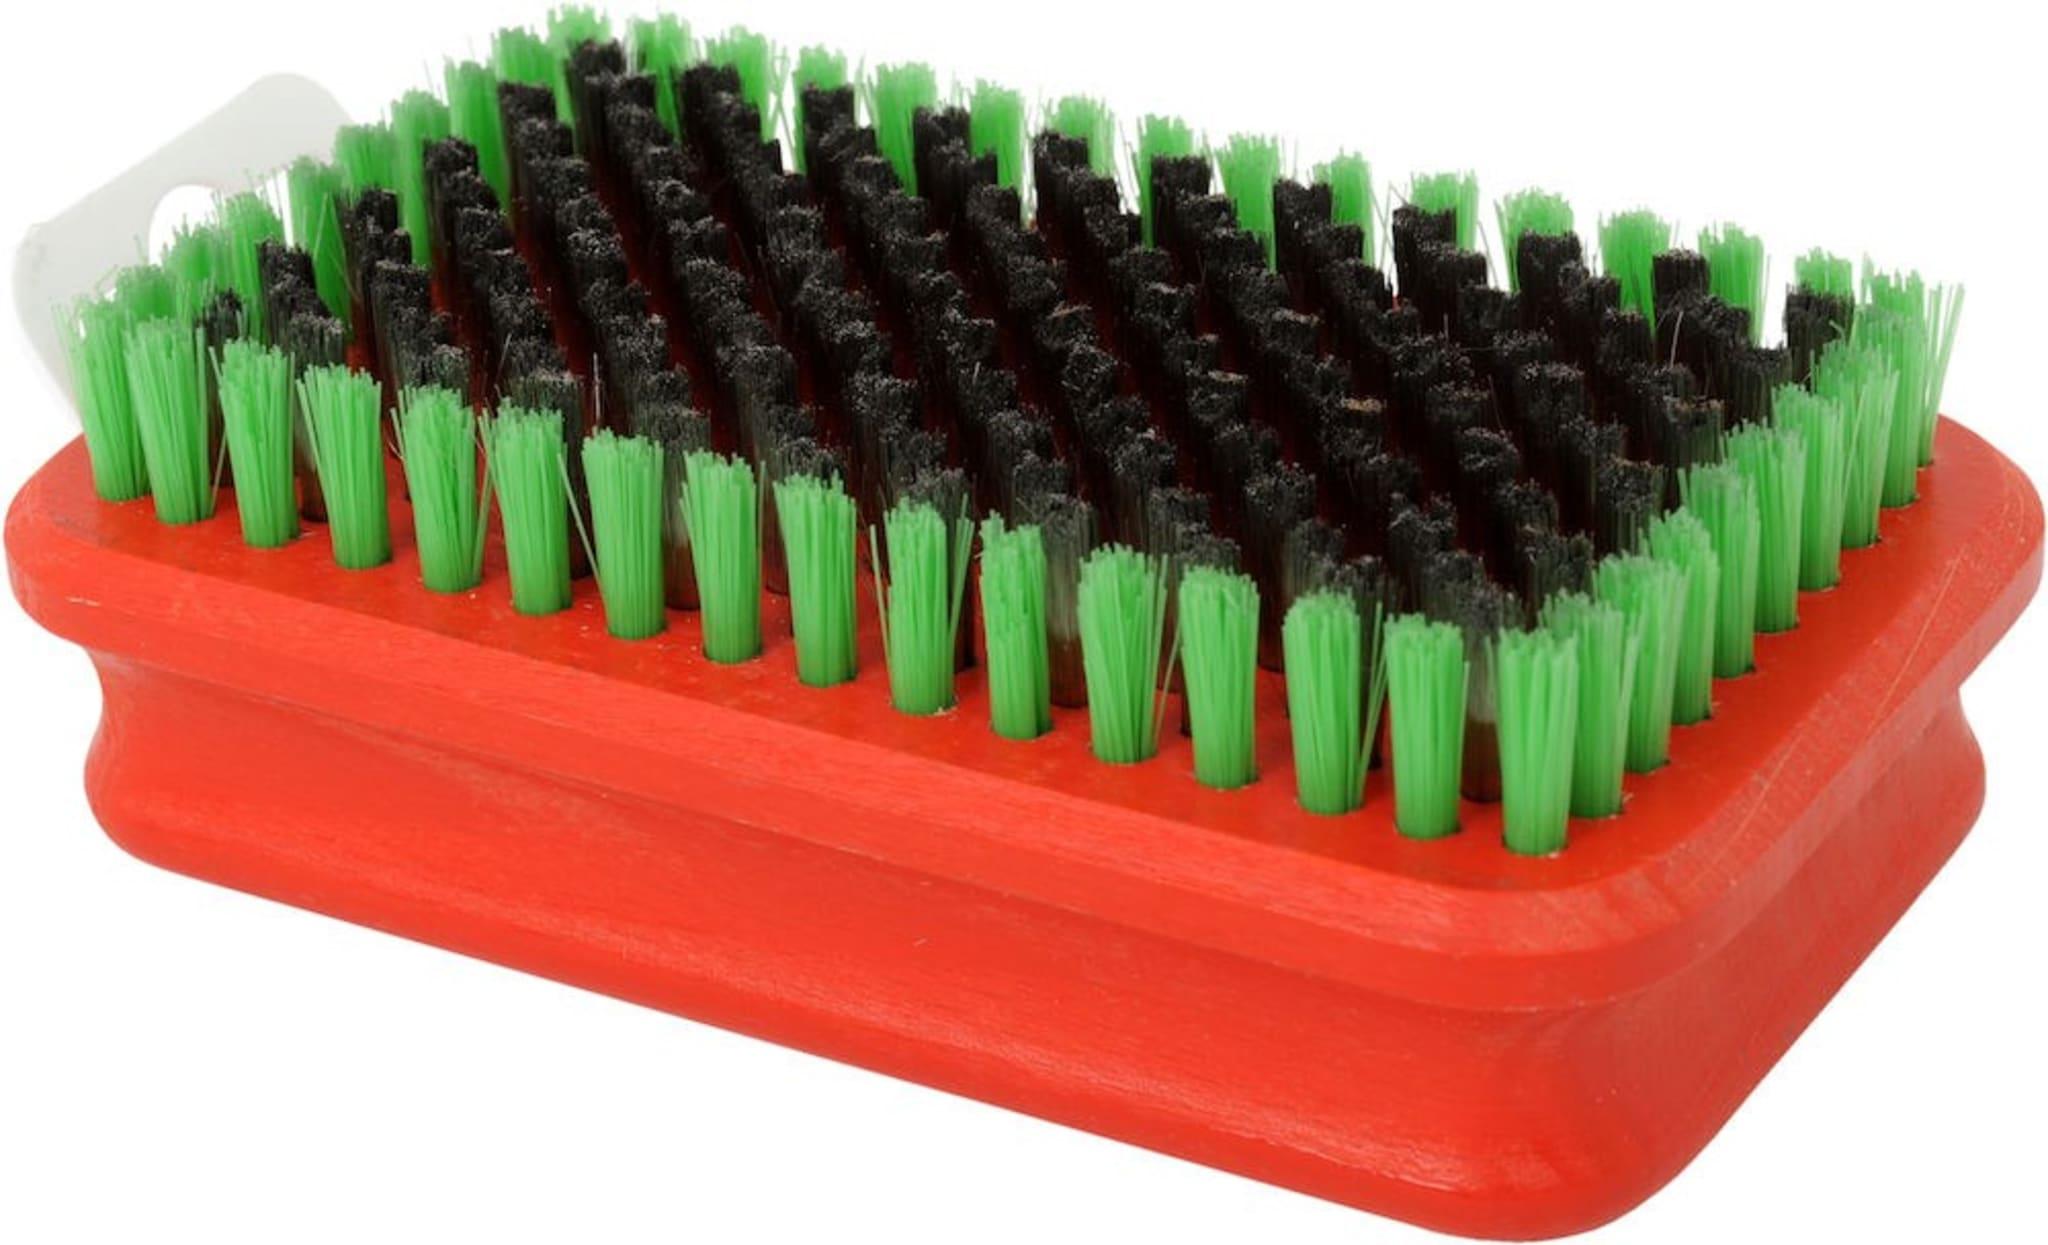 Ultra fin stålbørste som ofte brukes som andre børste etter sikling.